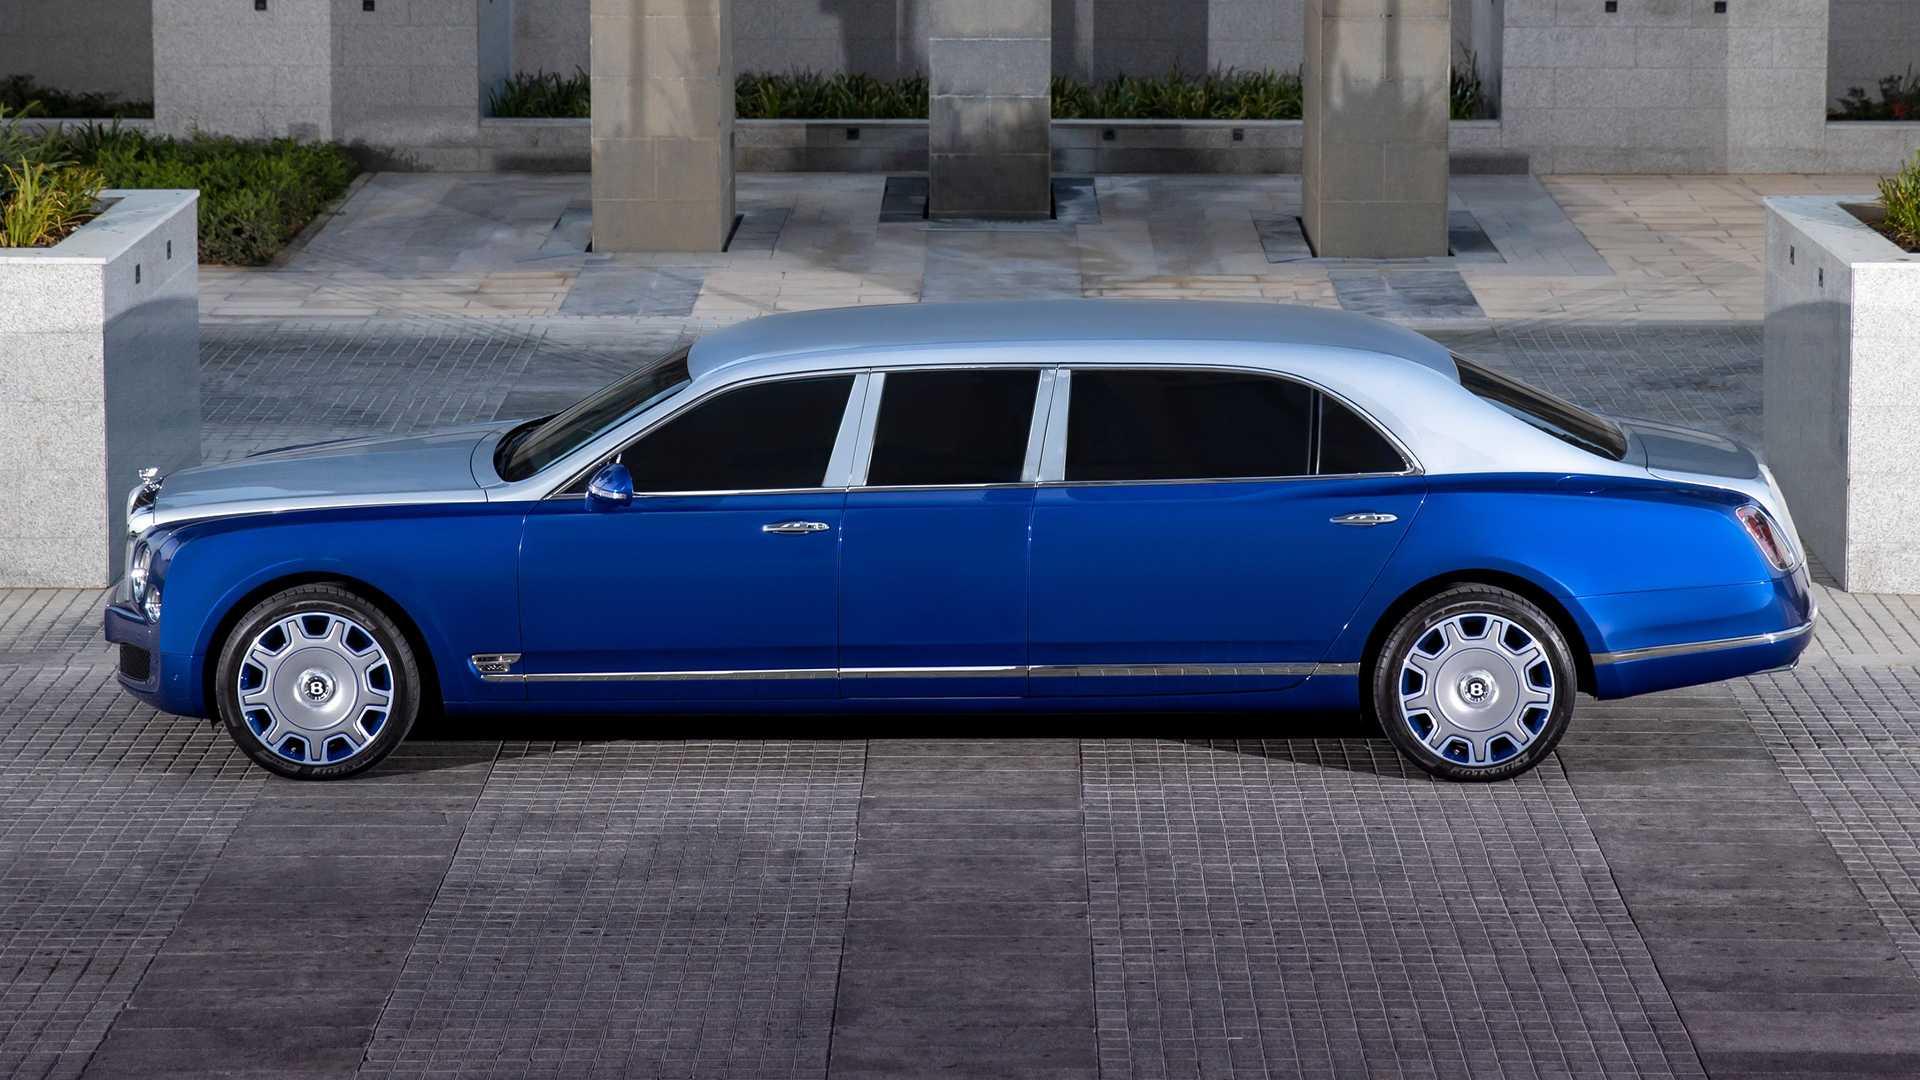 El Bentley Mulsanne Grand Limousine de Mulliner esconde una curiosa historia detrás